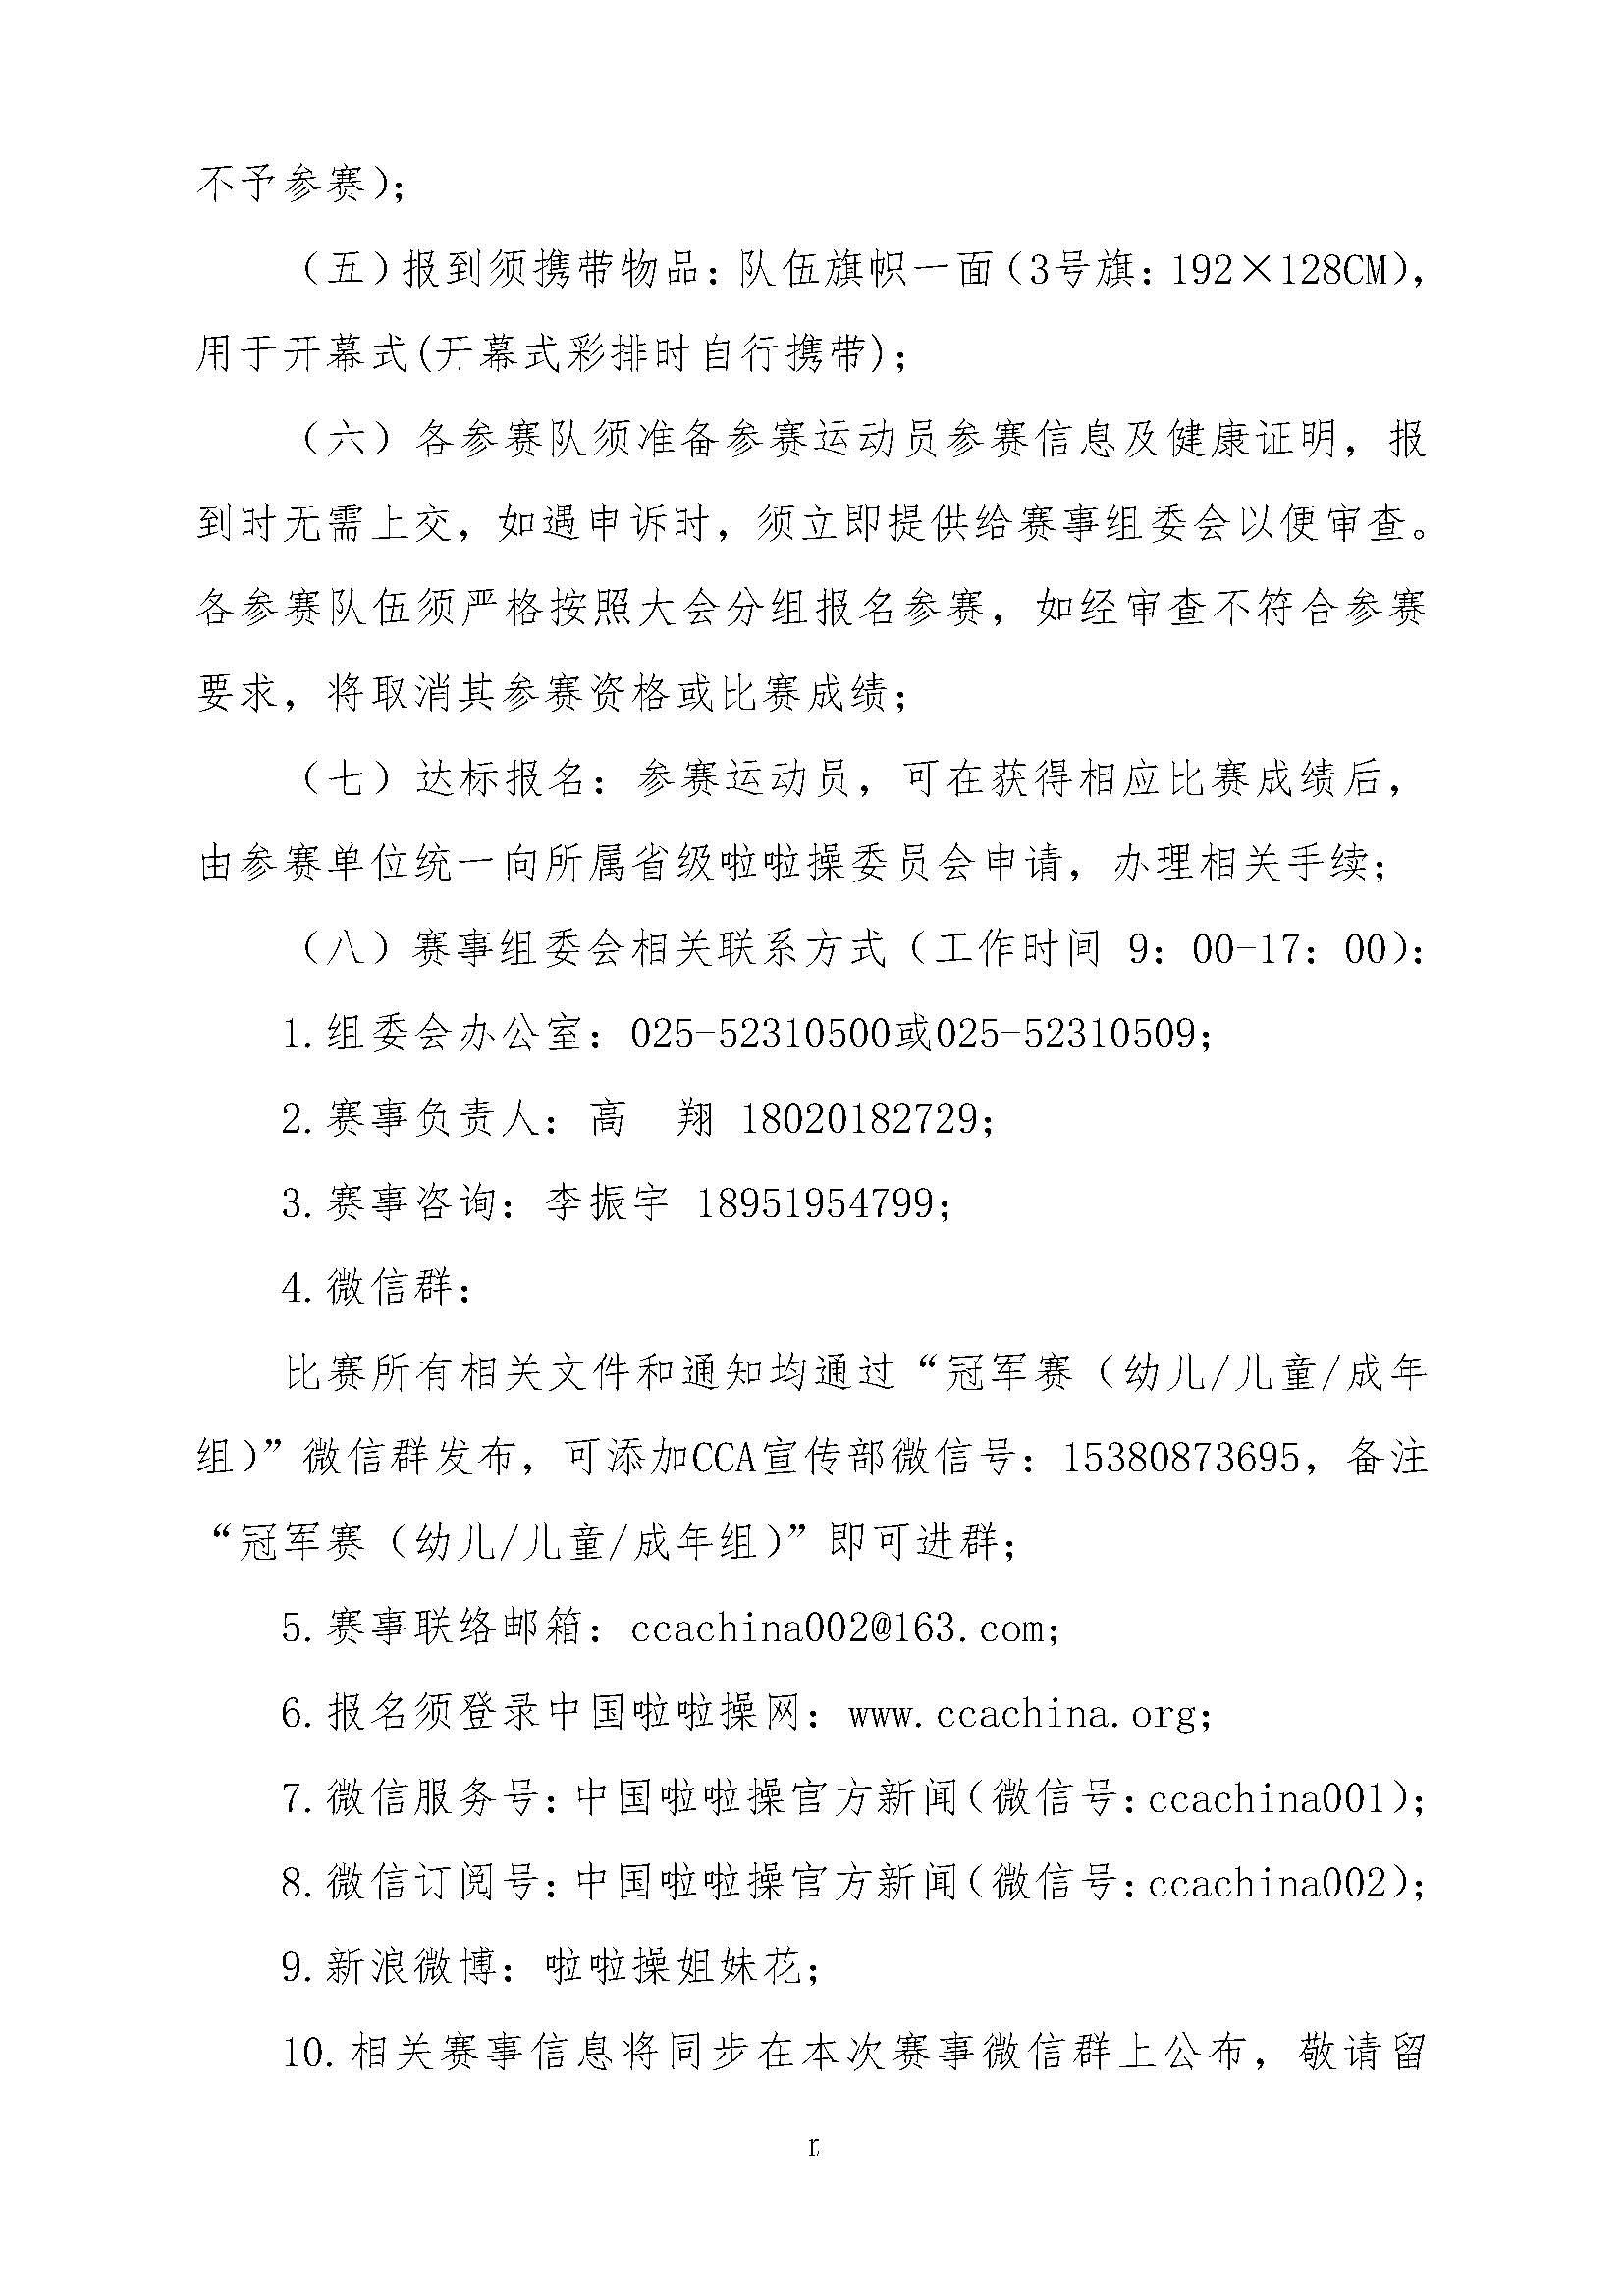 049号-2018年全国啦啦操冠军赛(幼儿组、儿童组和成年组)通知插图(17)